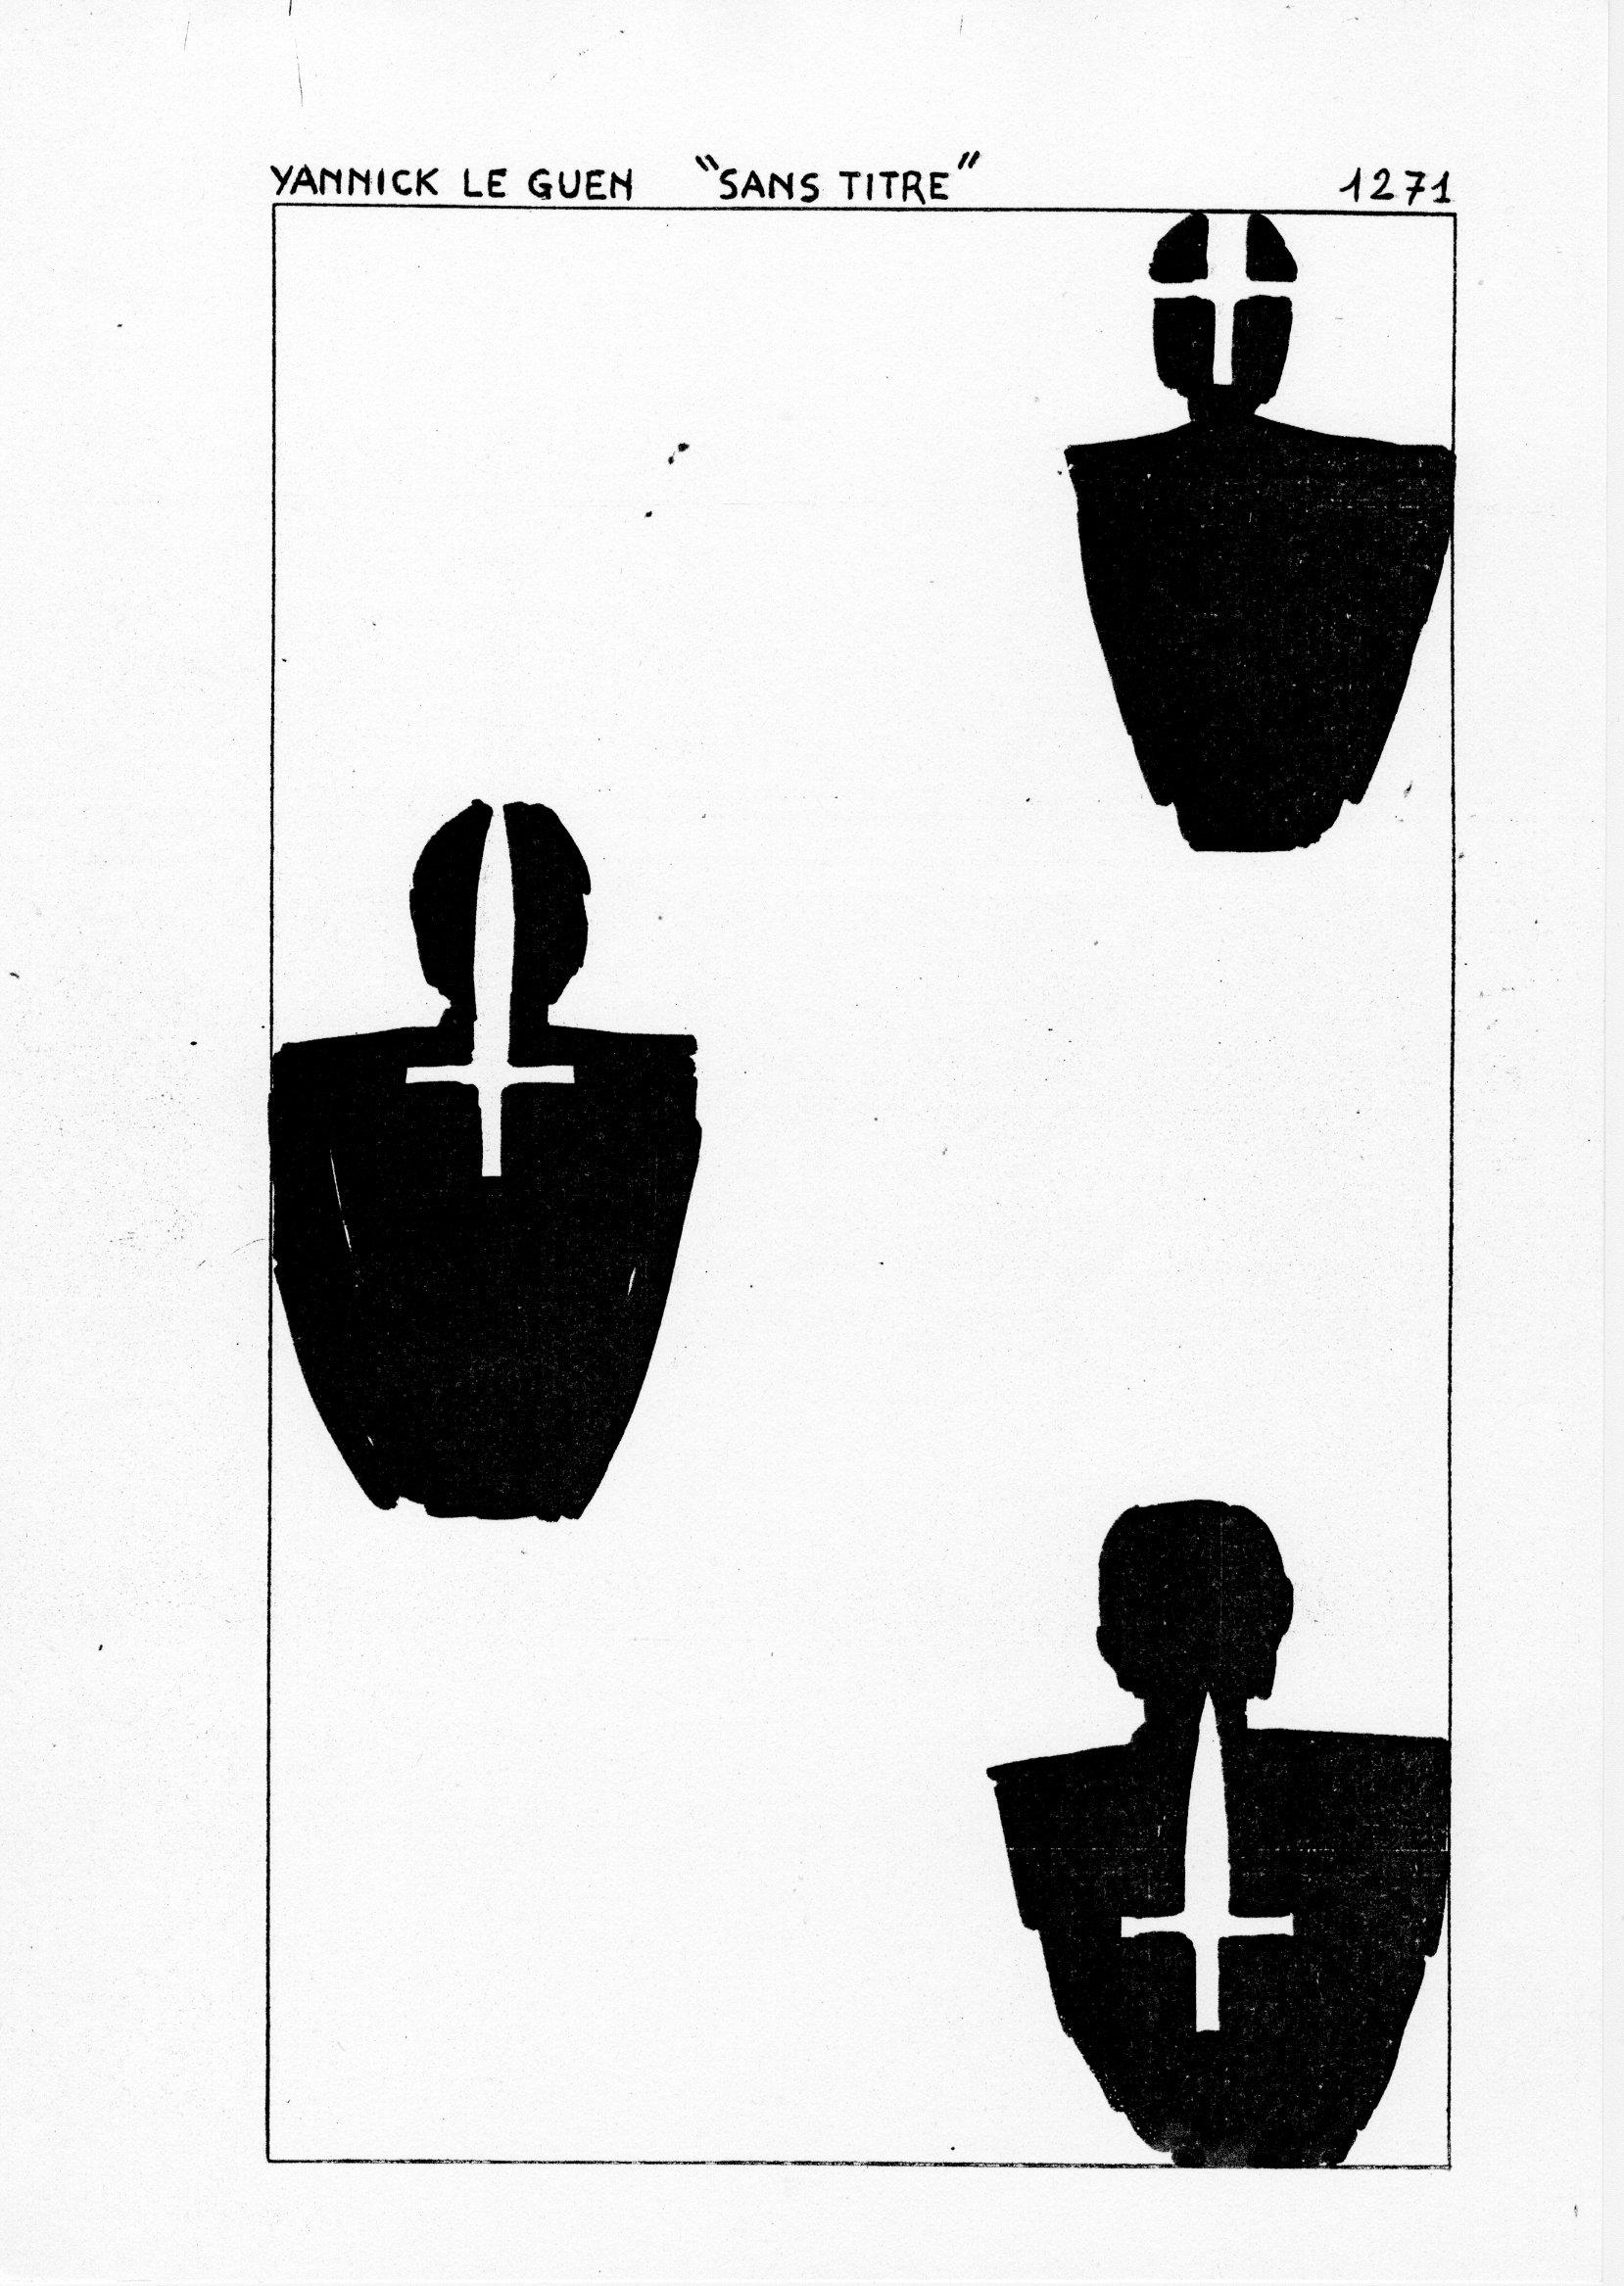 page 1271 Y. LEGUEN SANS TITRE